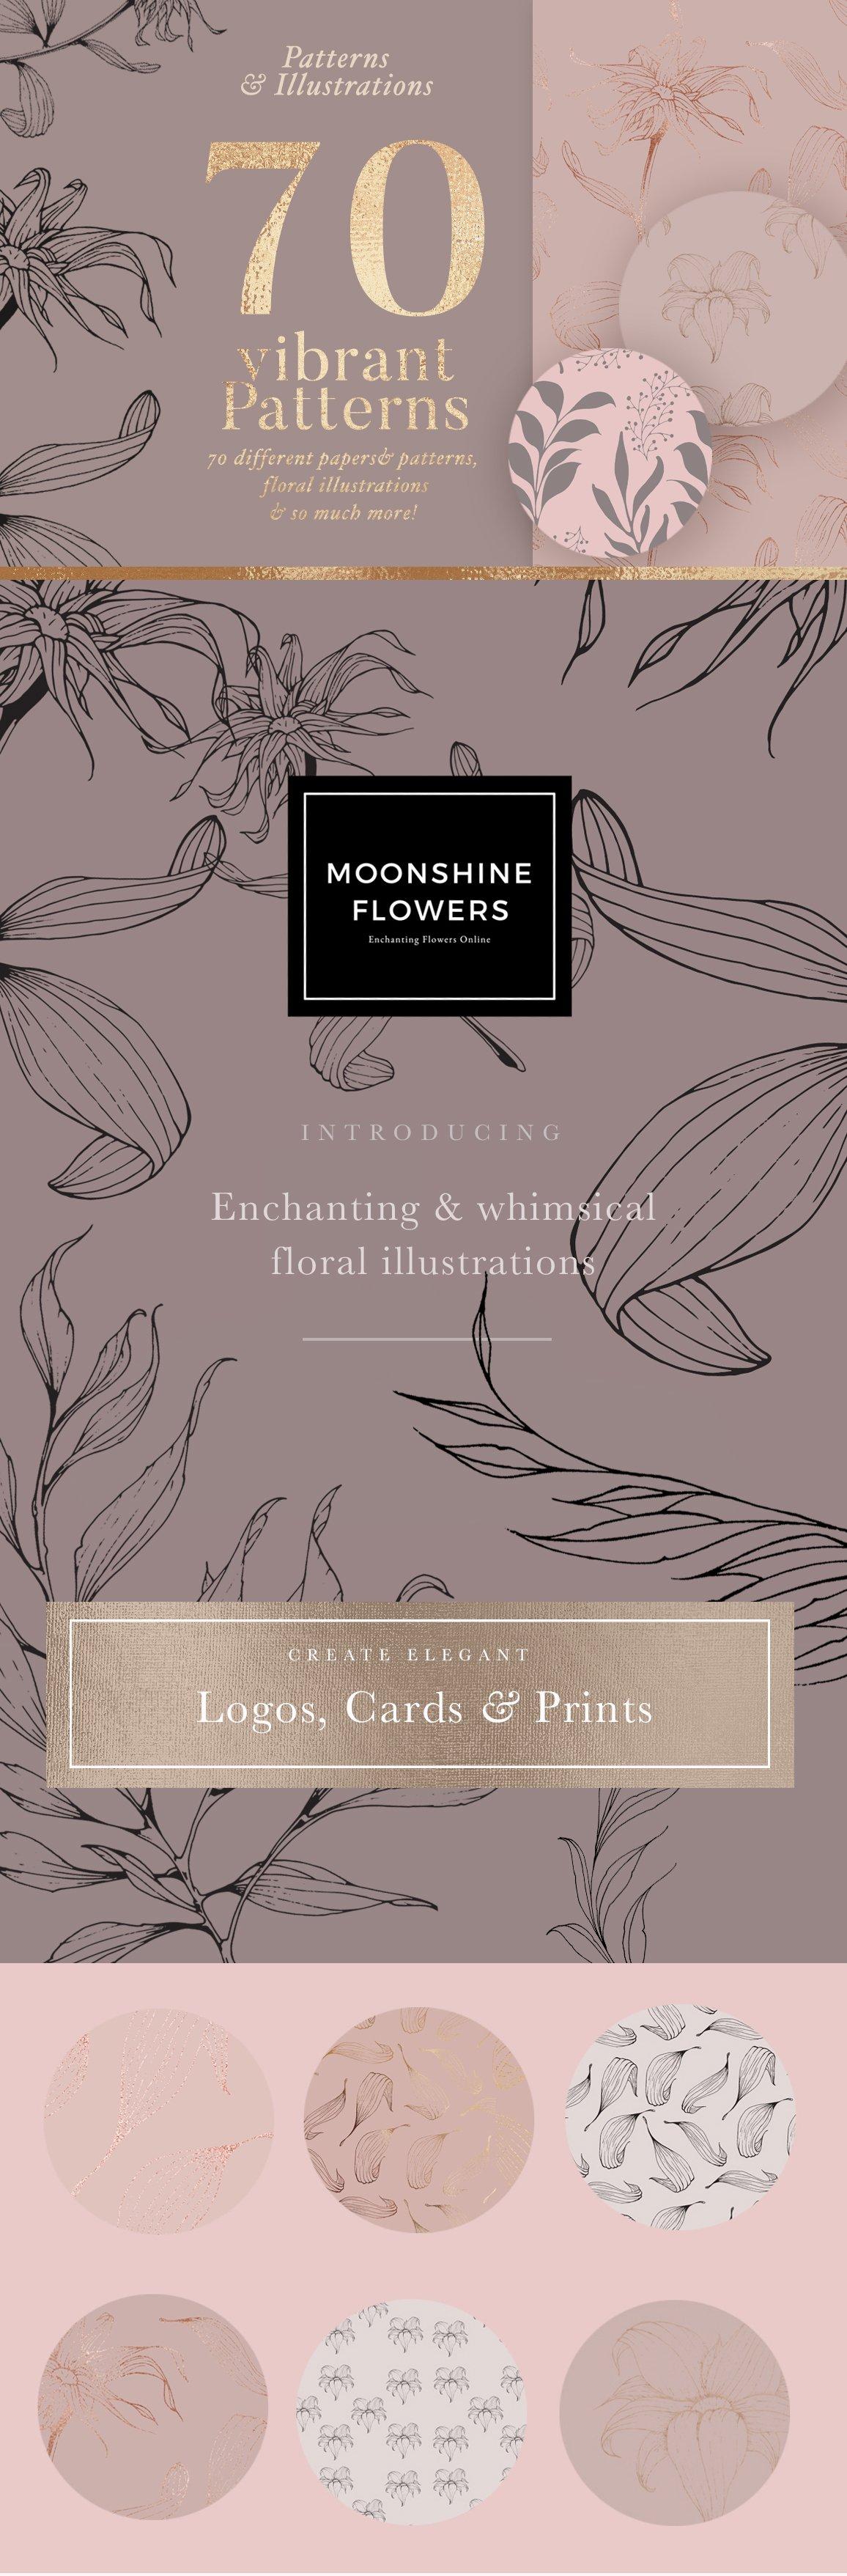 高品质的手绘花卉矢量插图&优雅数码纸纹理集合 70 Gold Patterns & Illustrations插图